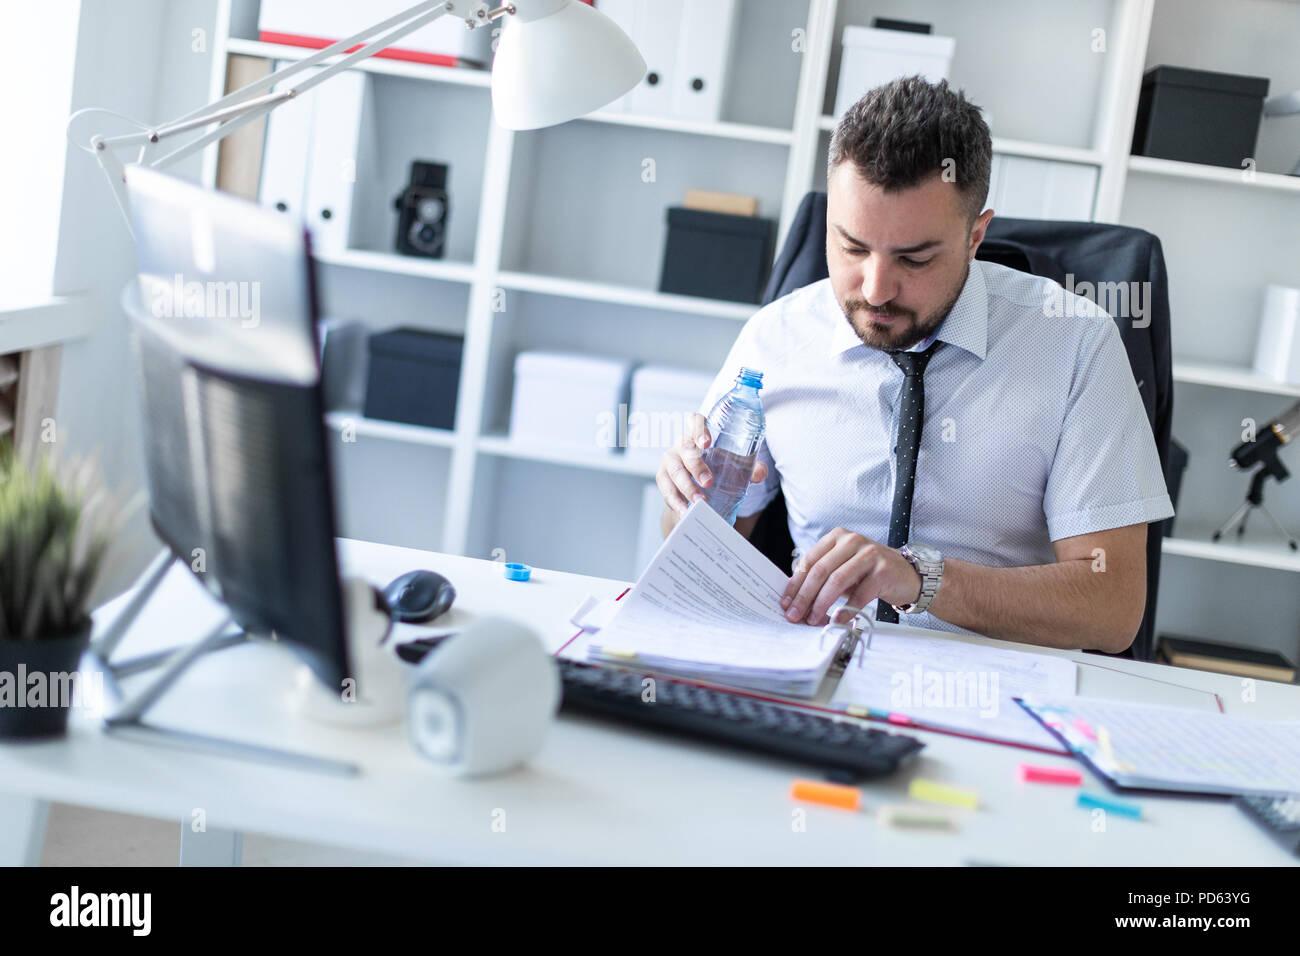 Ein Mann sitzt an einem Tisch im Büro, Arbeiten mit Dokumenten und hält eine Flasche Wasser in der Hand. Stockbild